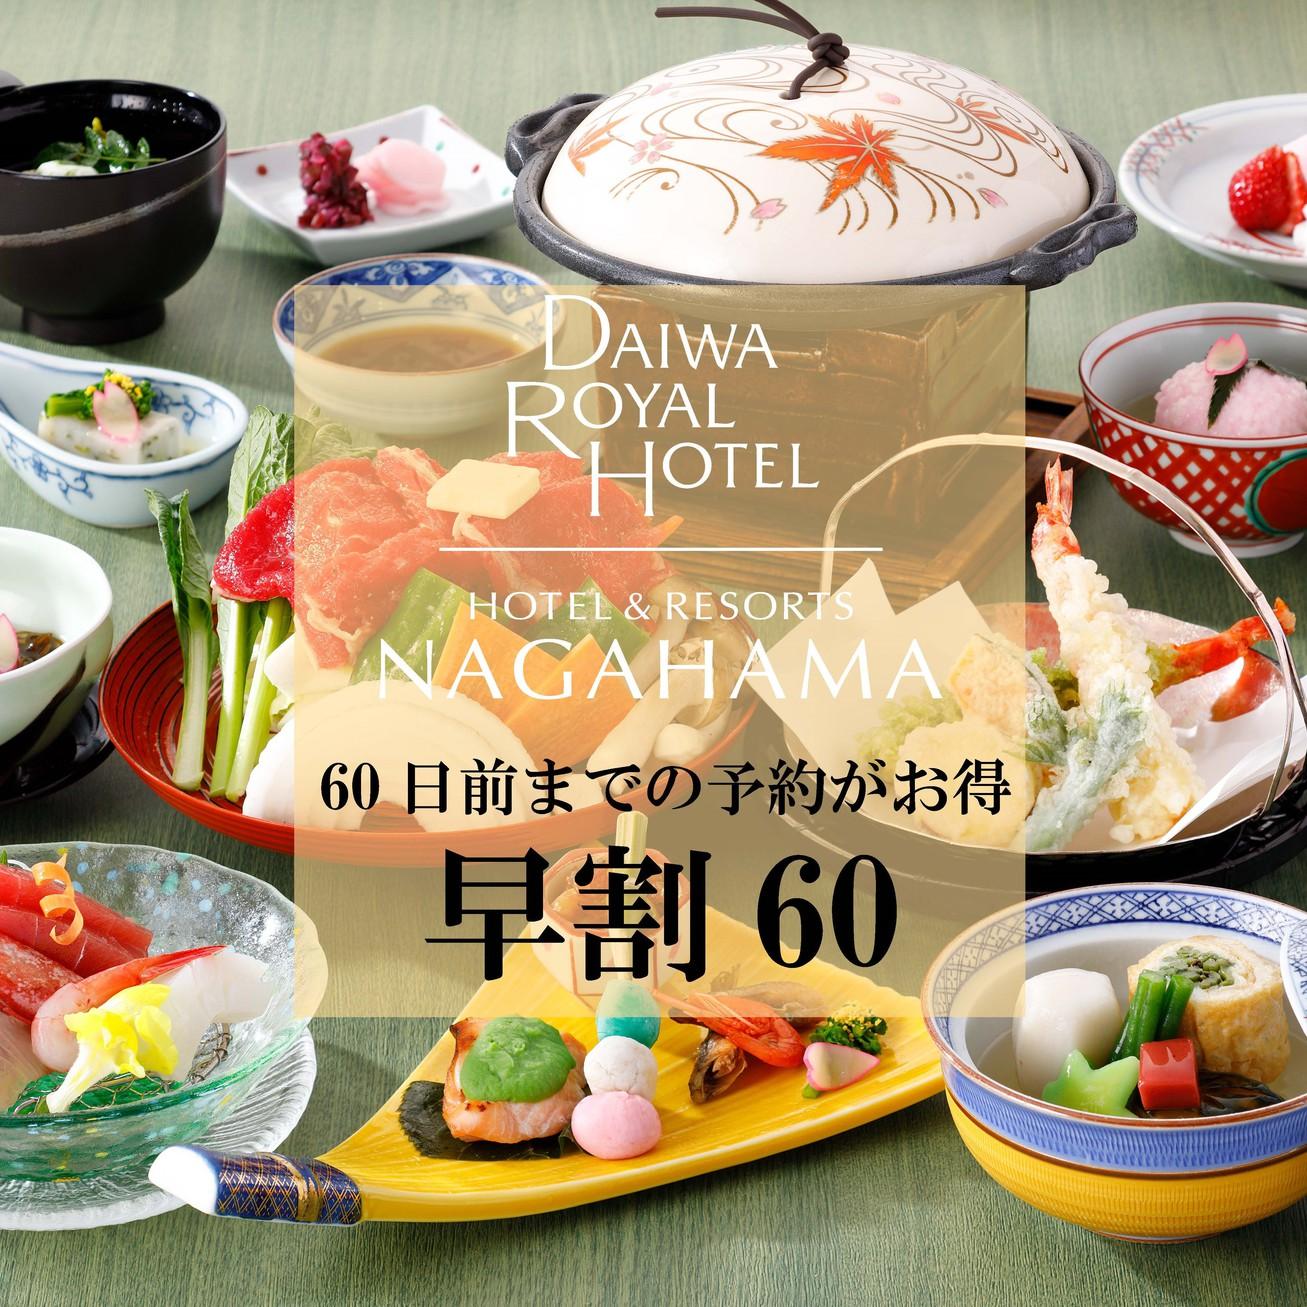 ■★【60日前】★早期予約がお得!日本料理を愉しむ〜夕・朝食付きプラン〜